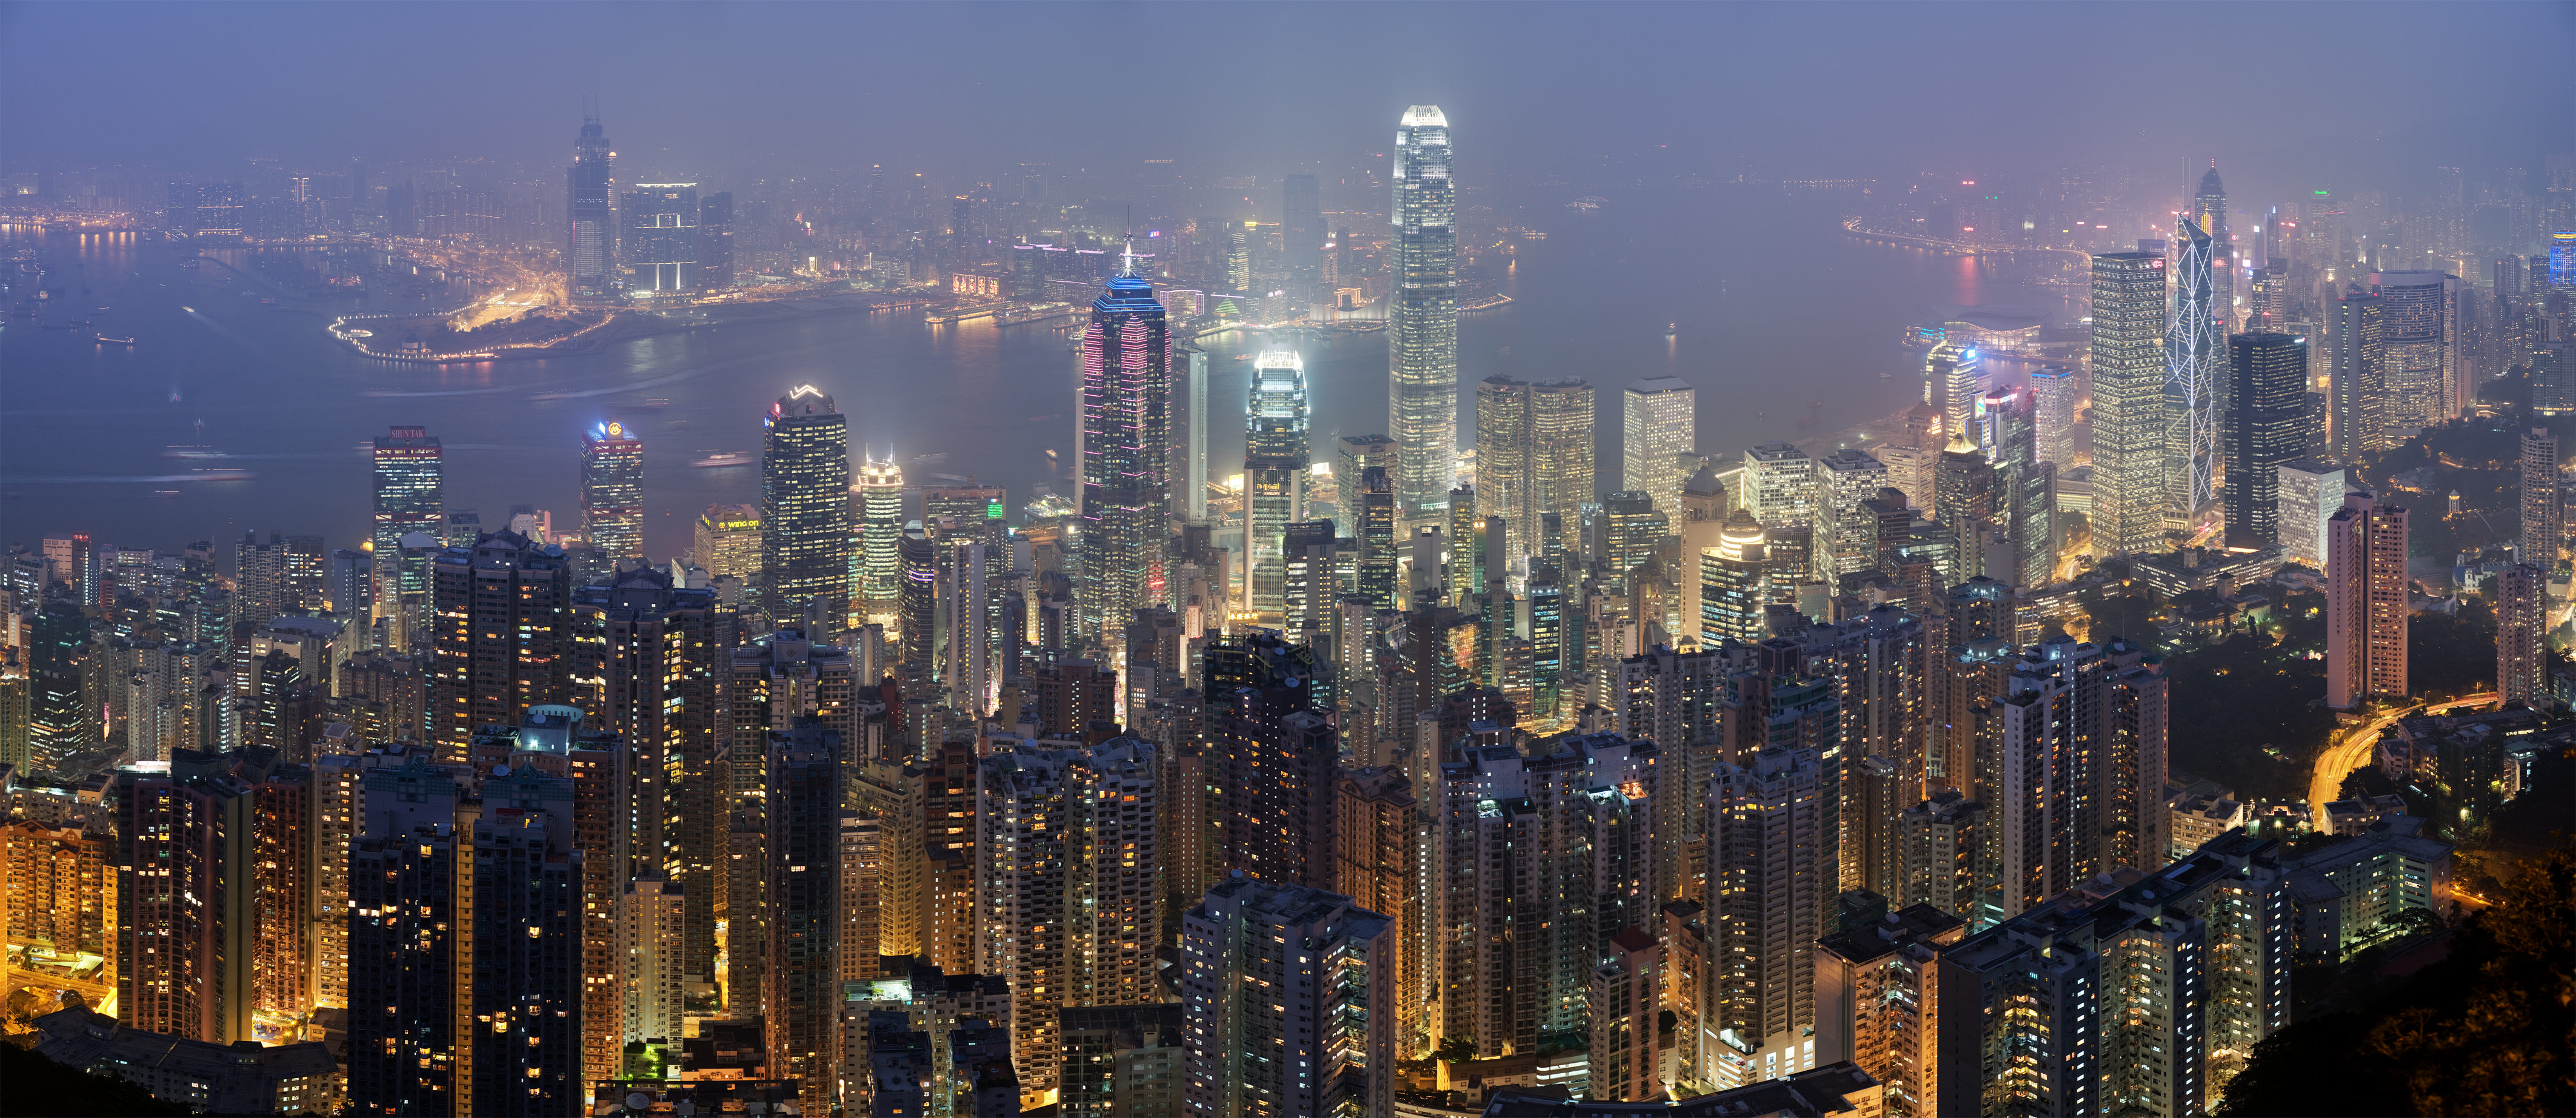 Hong_Kong_Skyline_Restitch_-_Dec_2007 (1